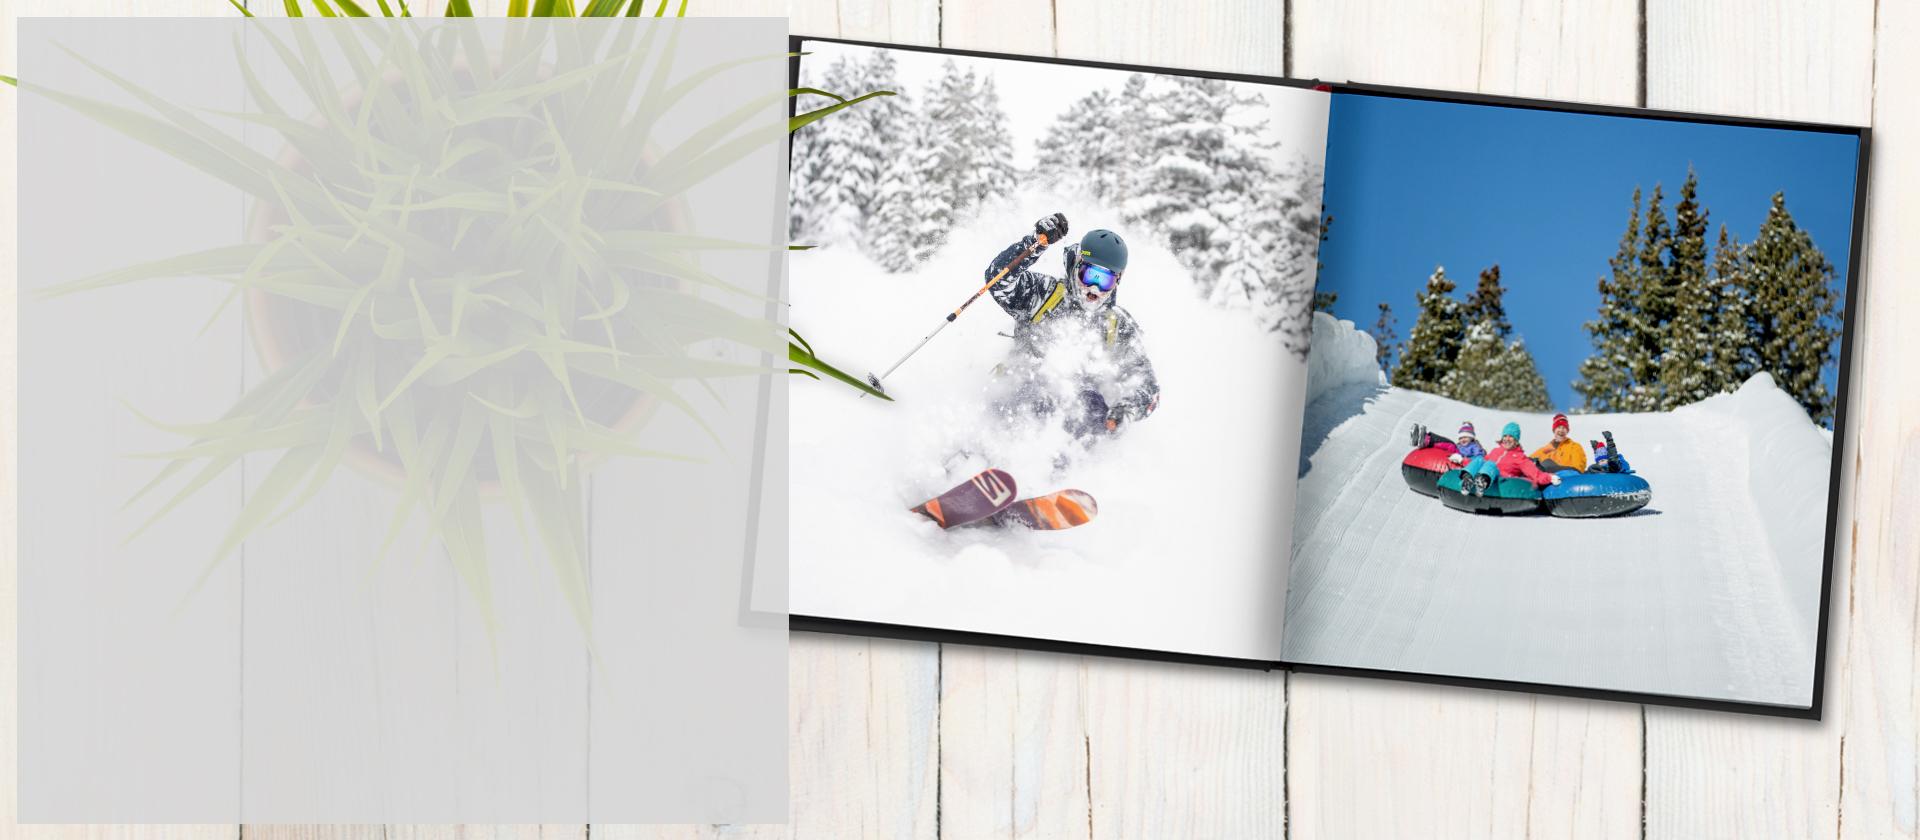 EpicMix Photo - Products